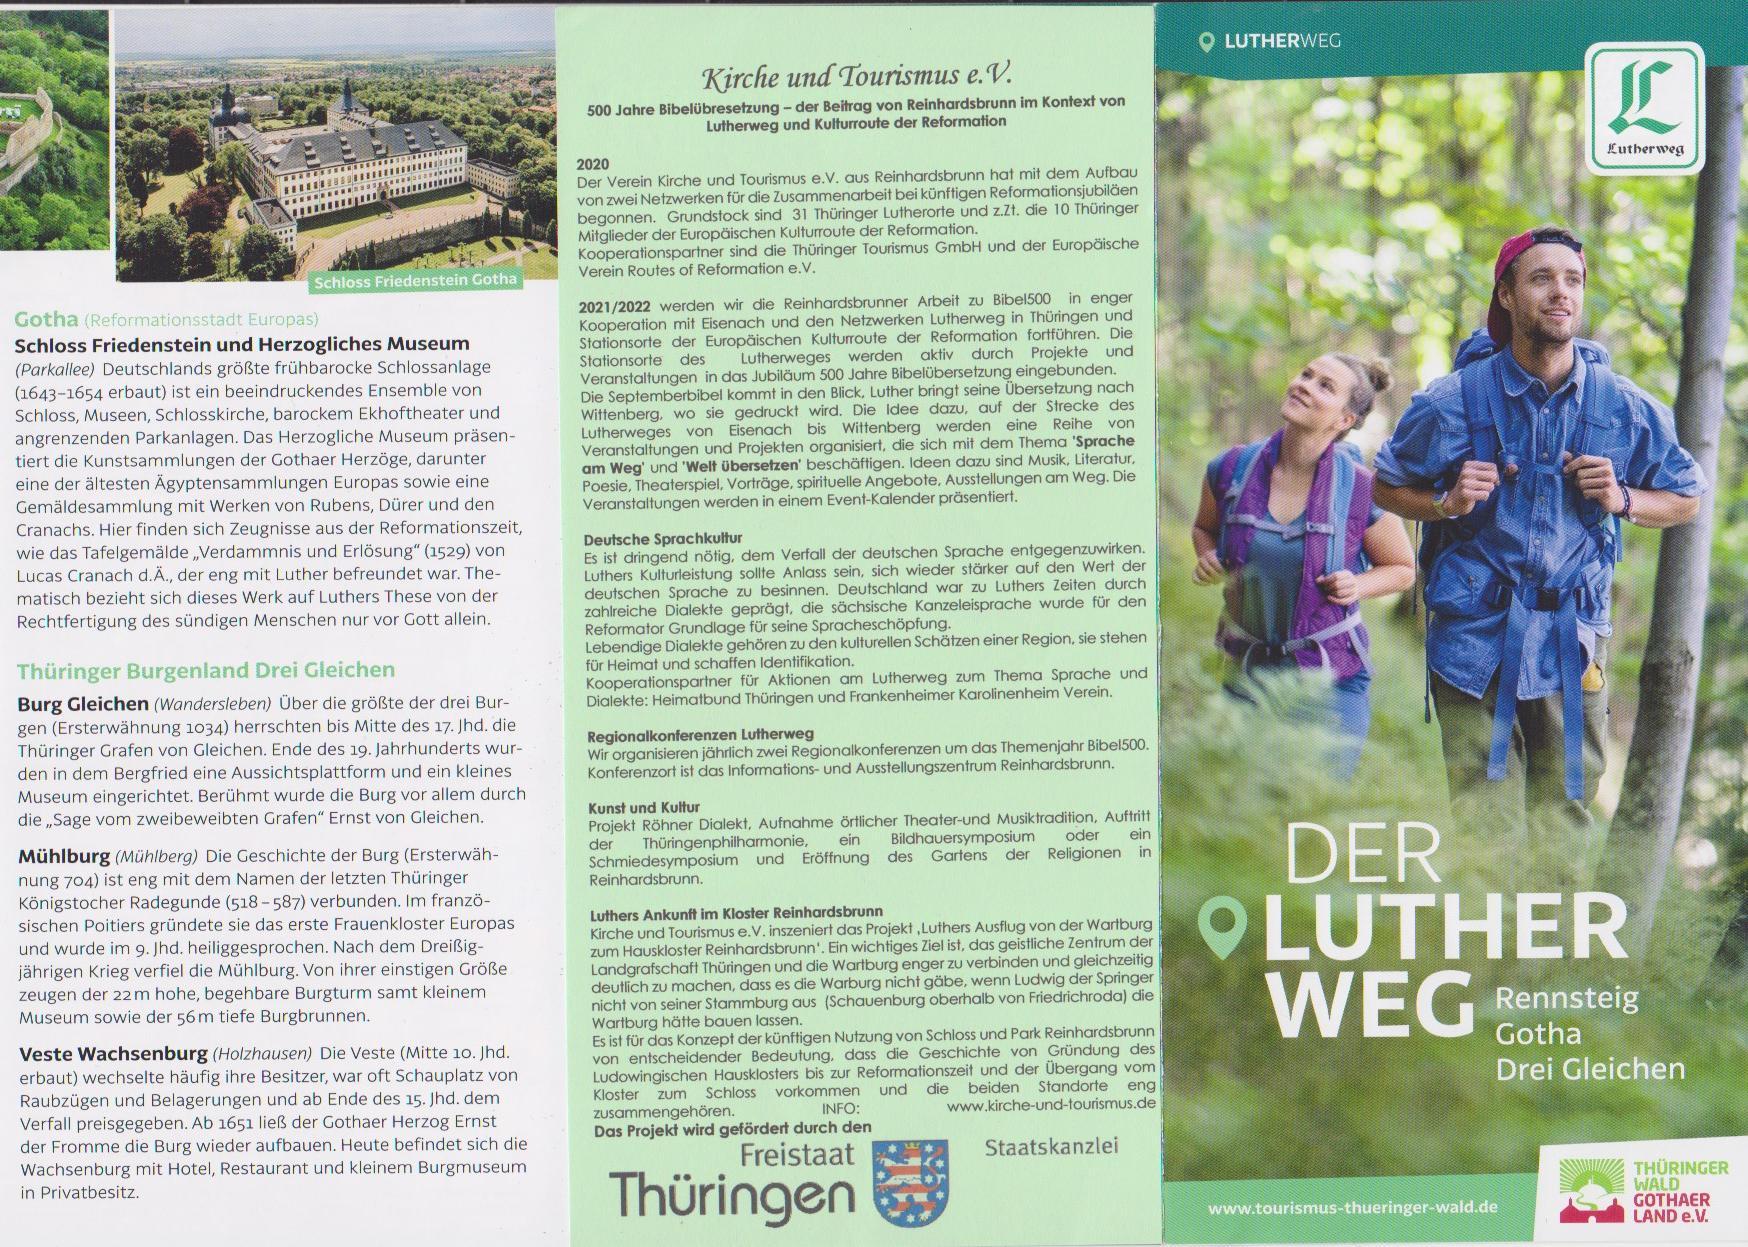 Lutherweg Rennsteig Gotha Drei Gleichen